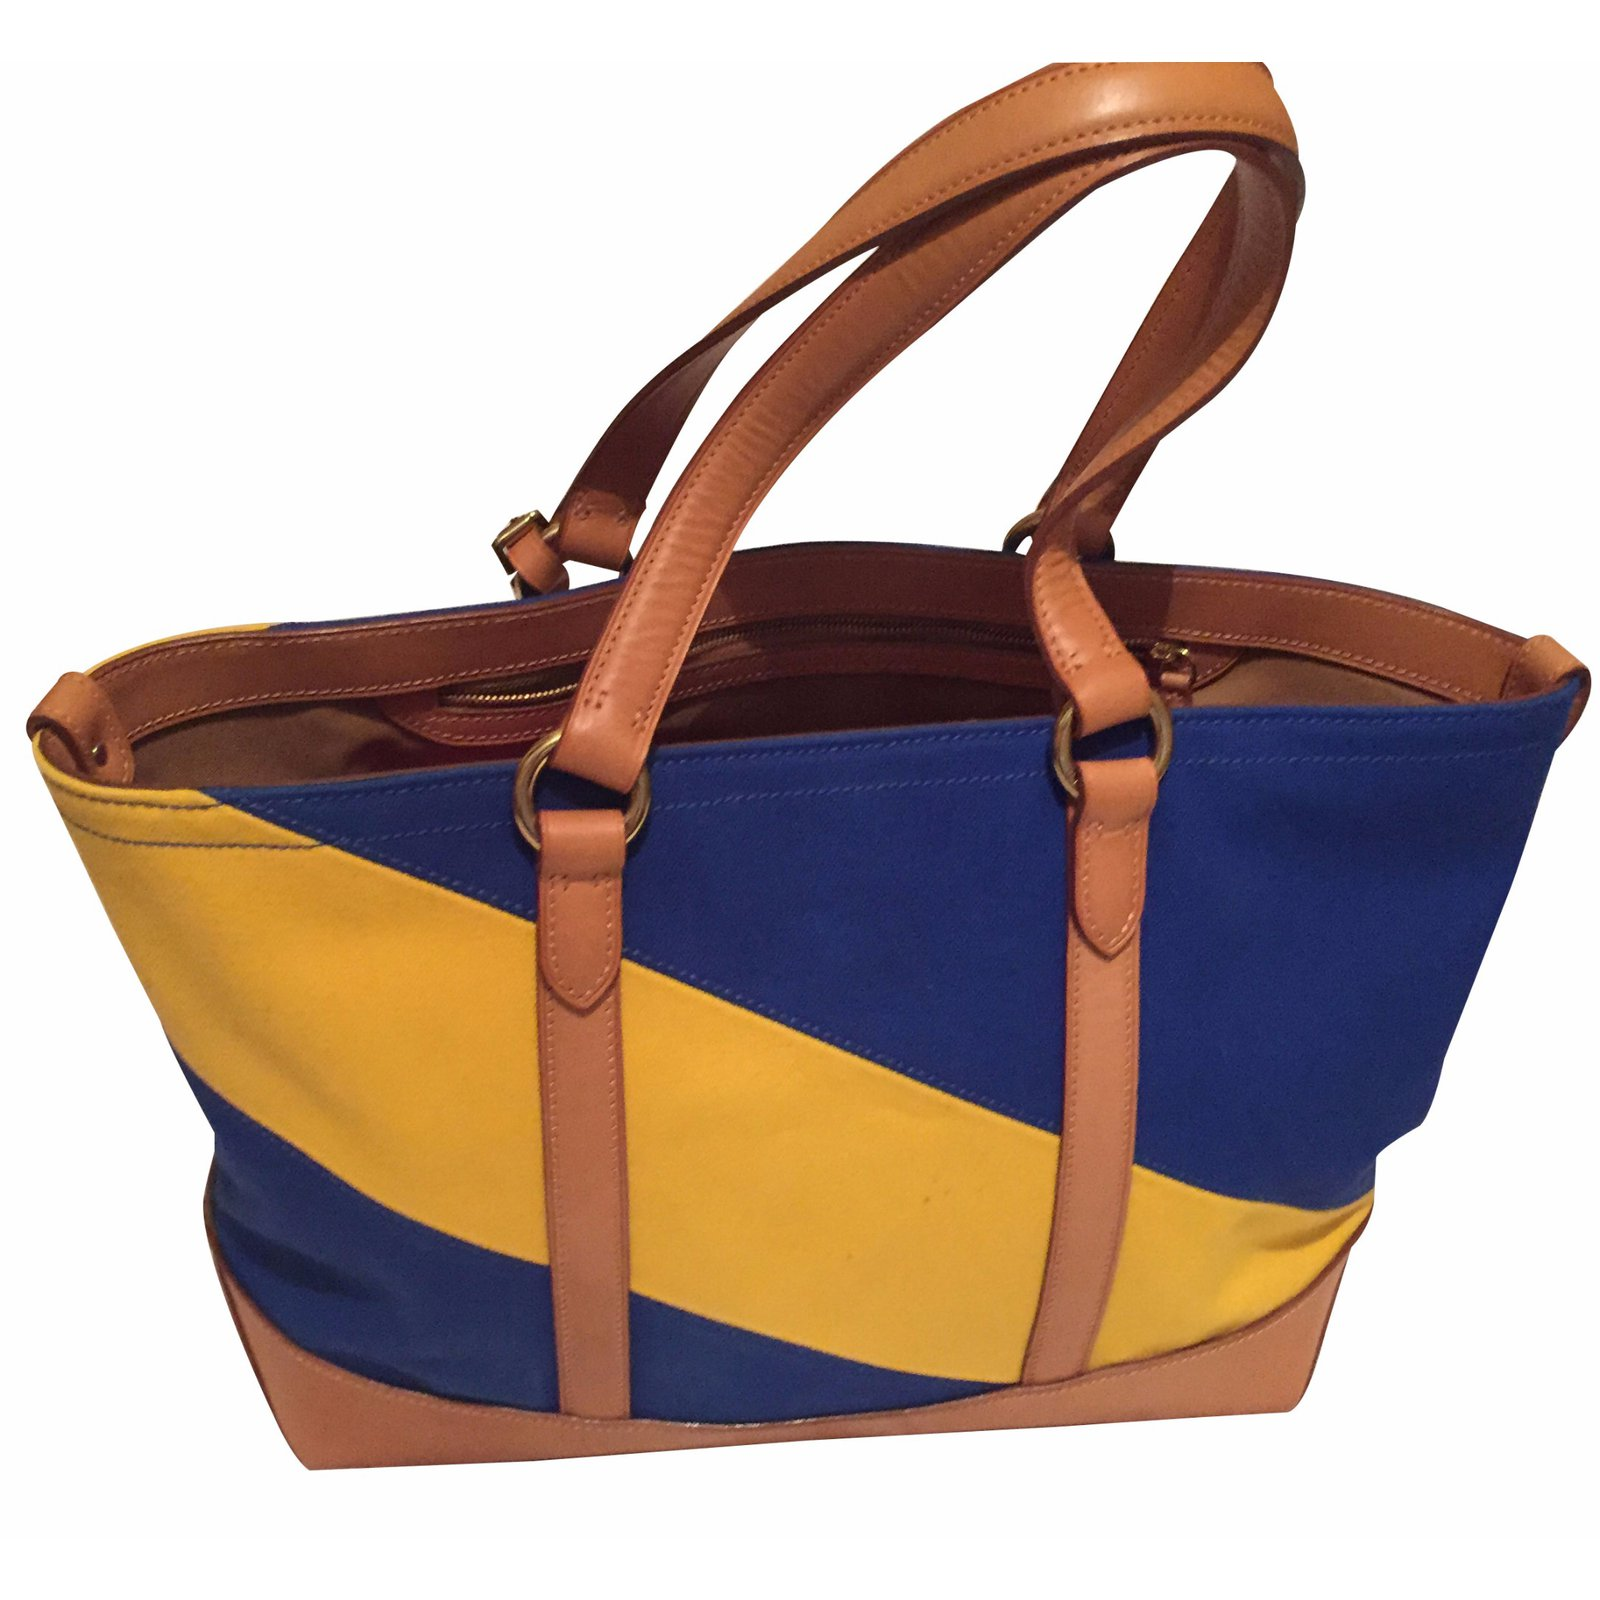 48cfd13895 Ralph Lauren Handbag Handbags Cloth Blue ref.16451 - Joli Closet